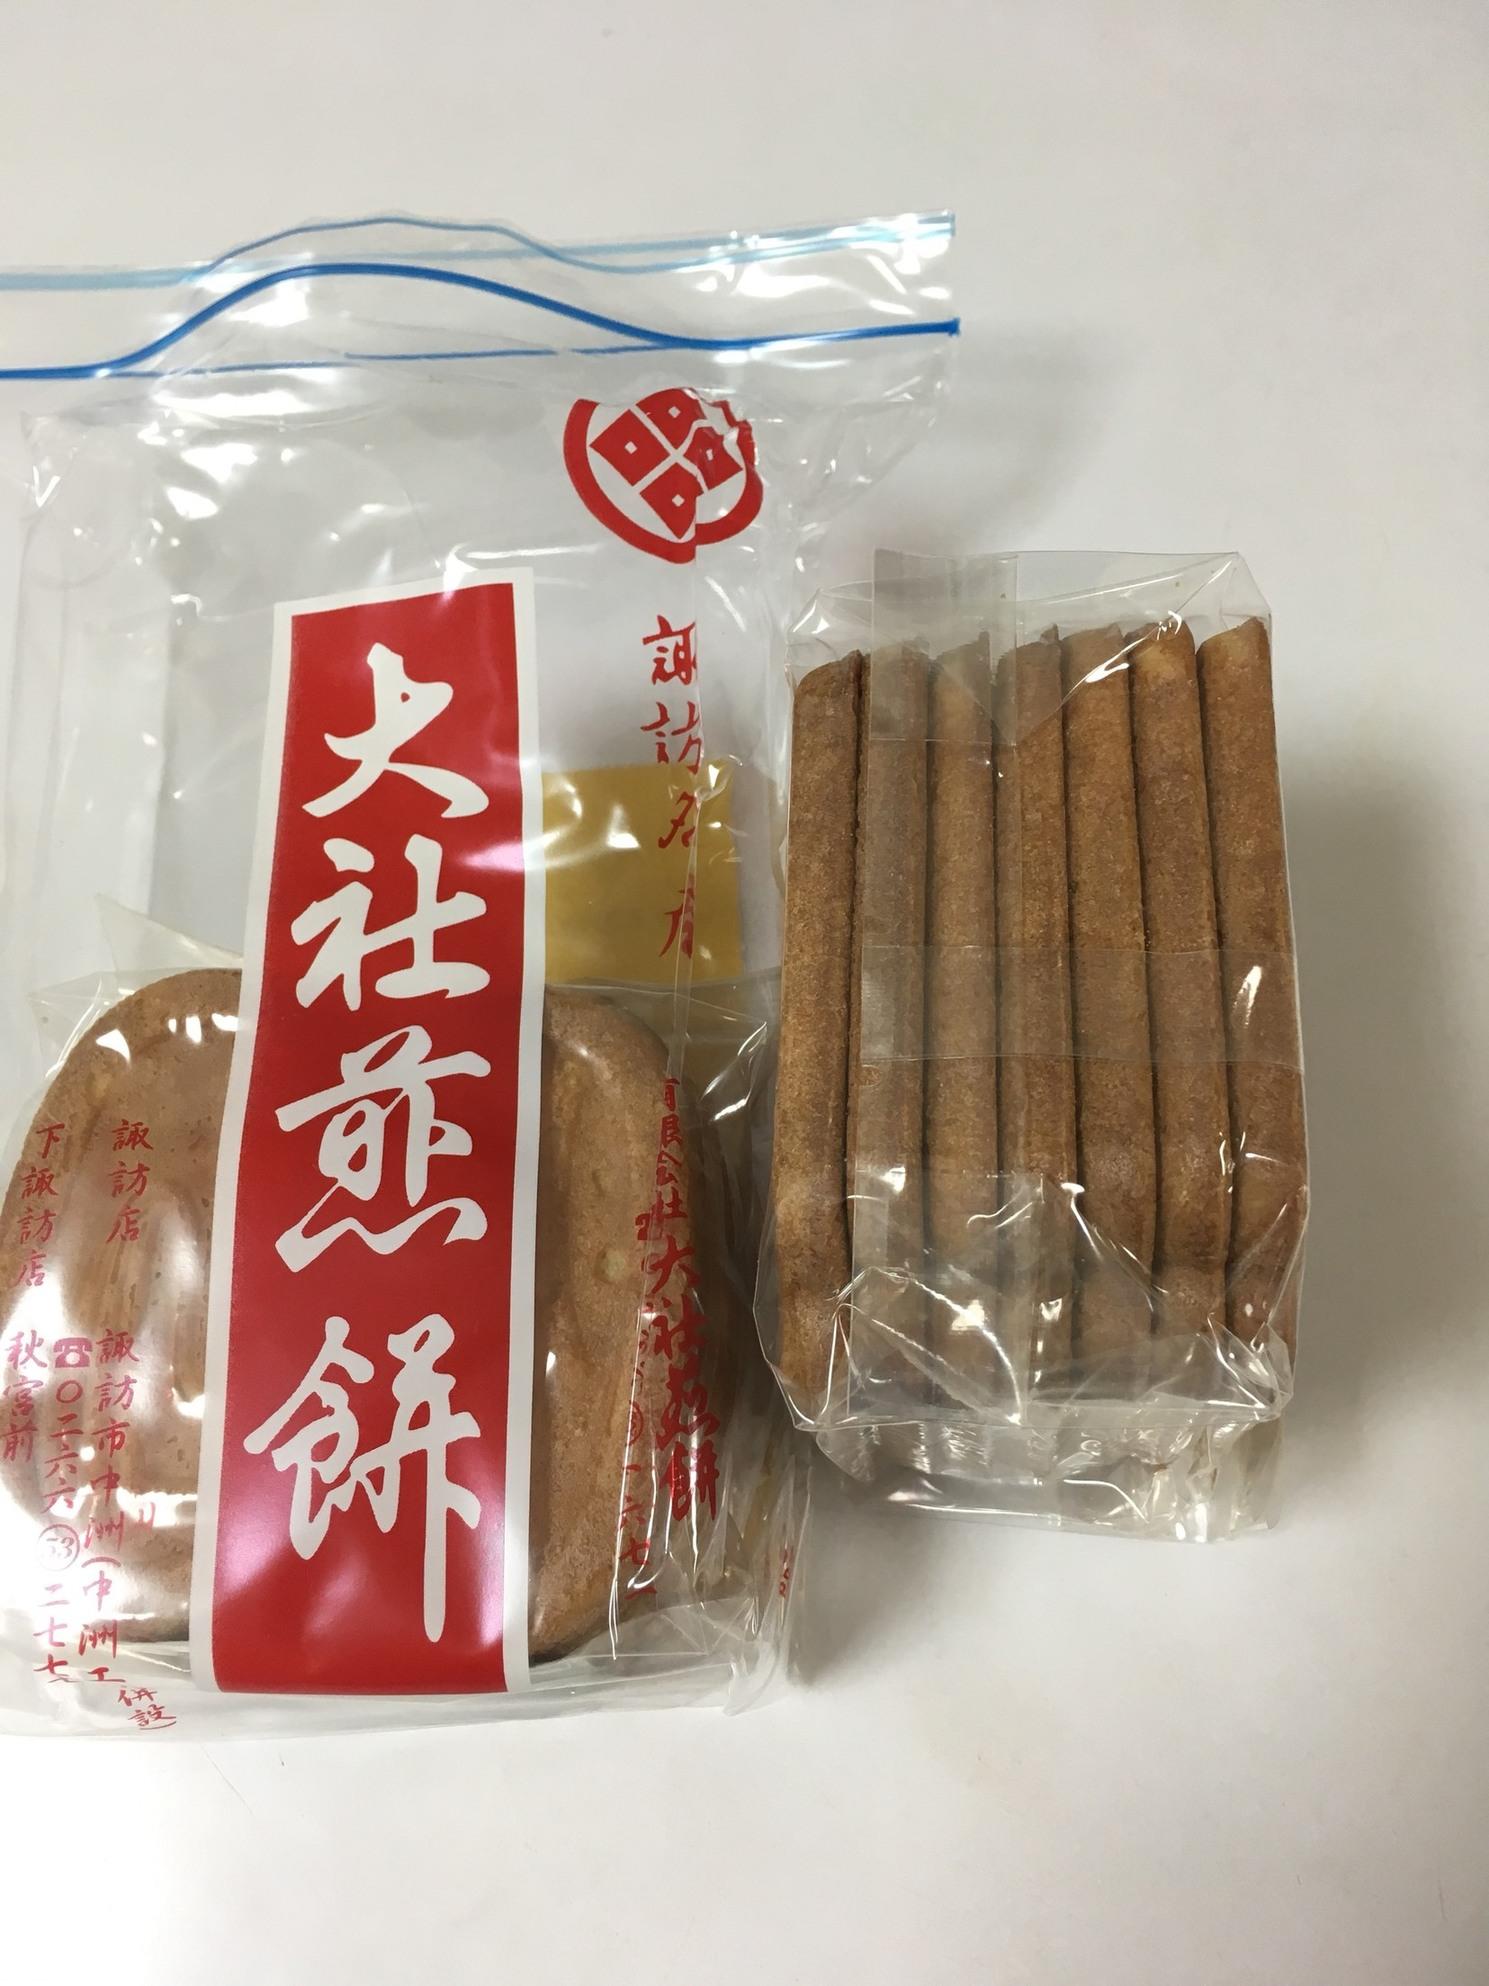 大社煎餅 下諏訪店 name=